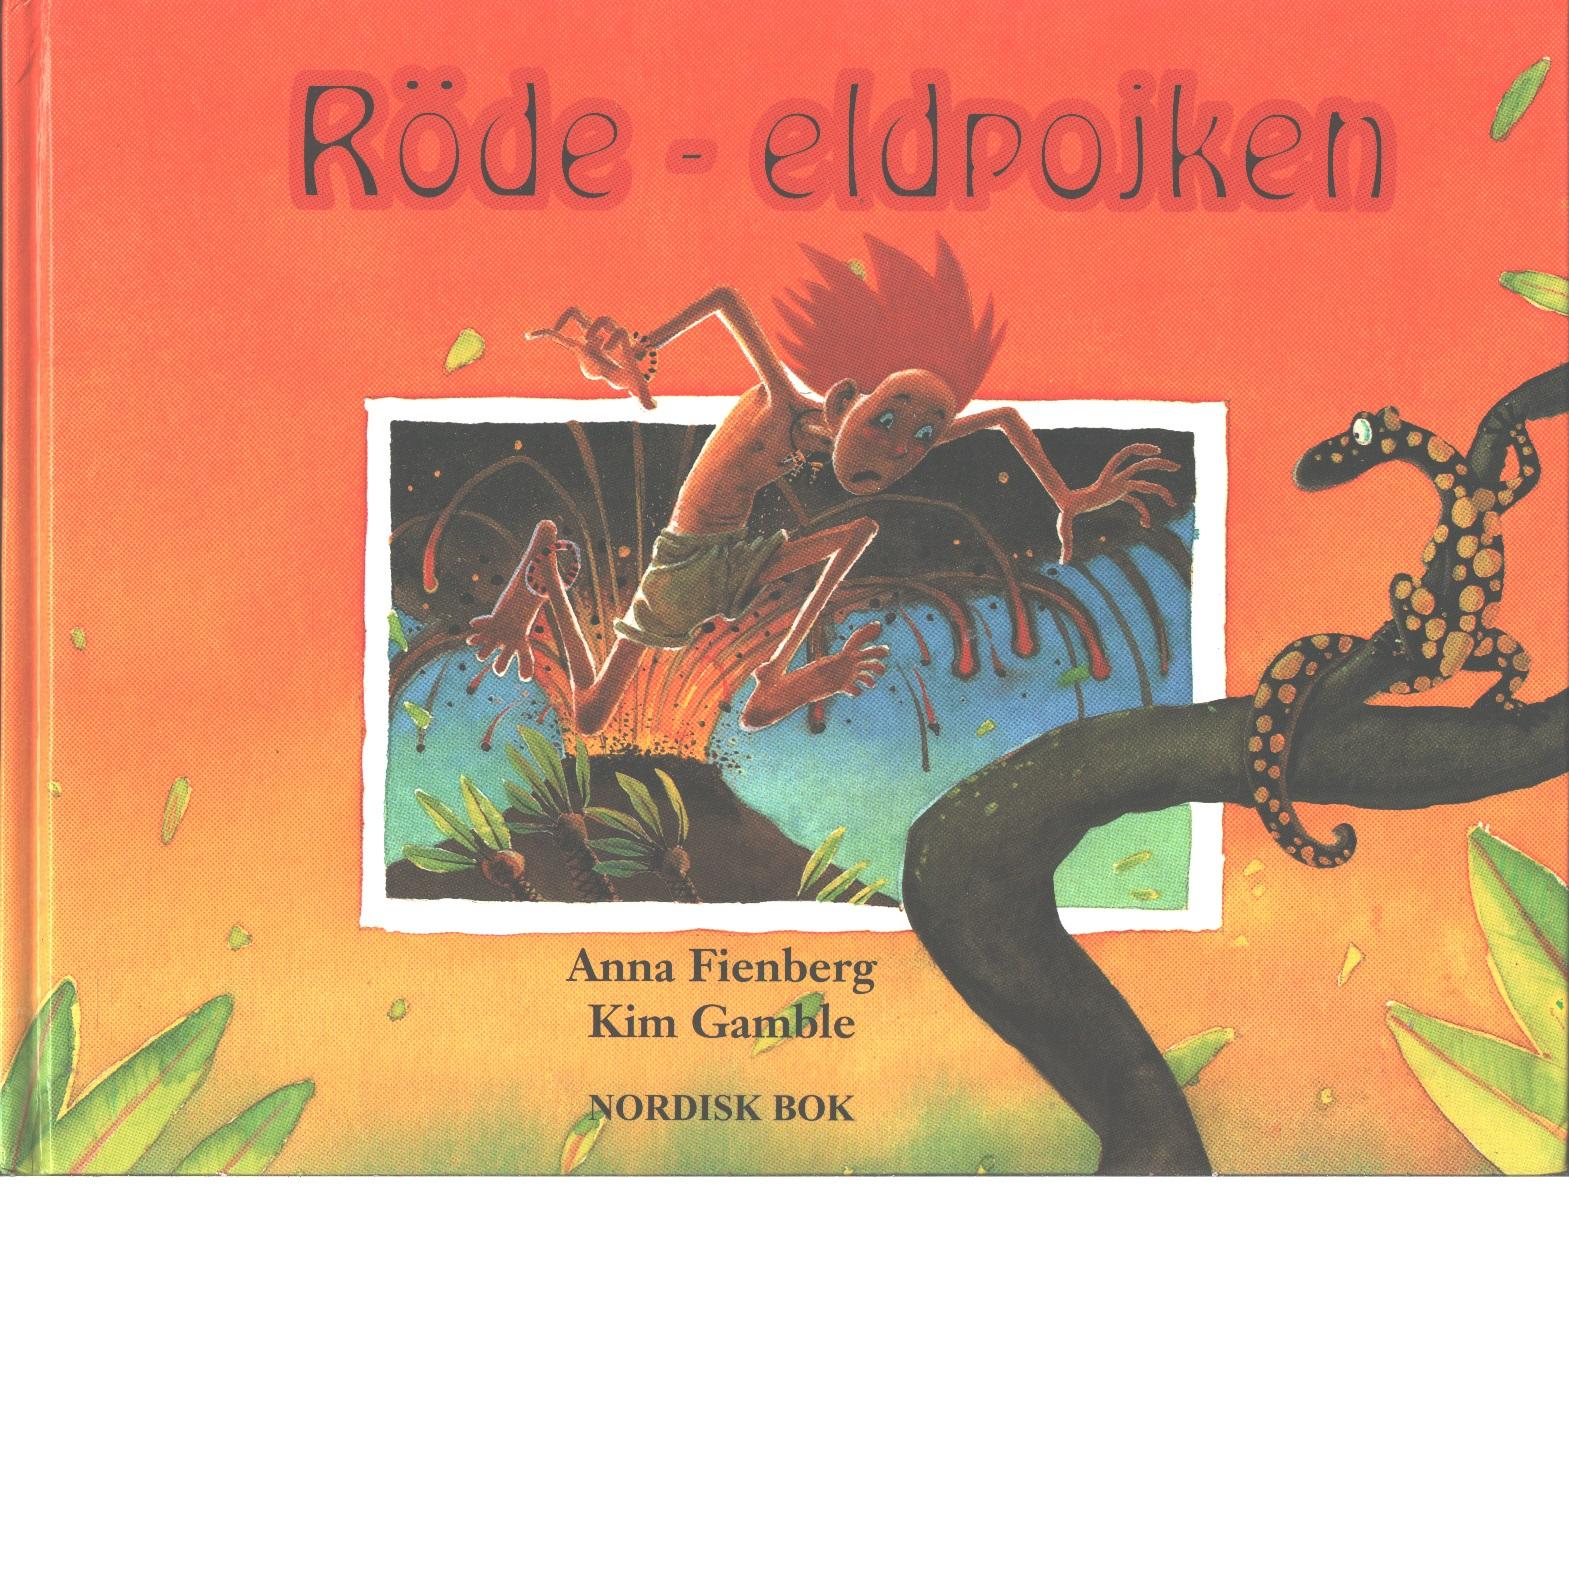 Röde - eldpojken - Fienberg, Anna och Gamble, Kim